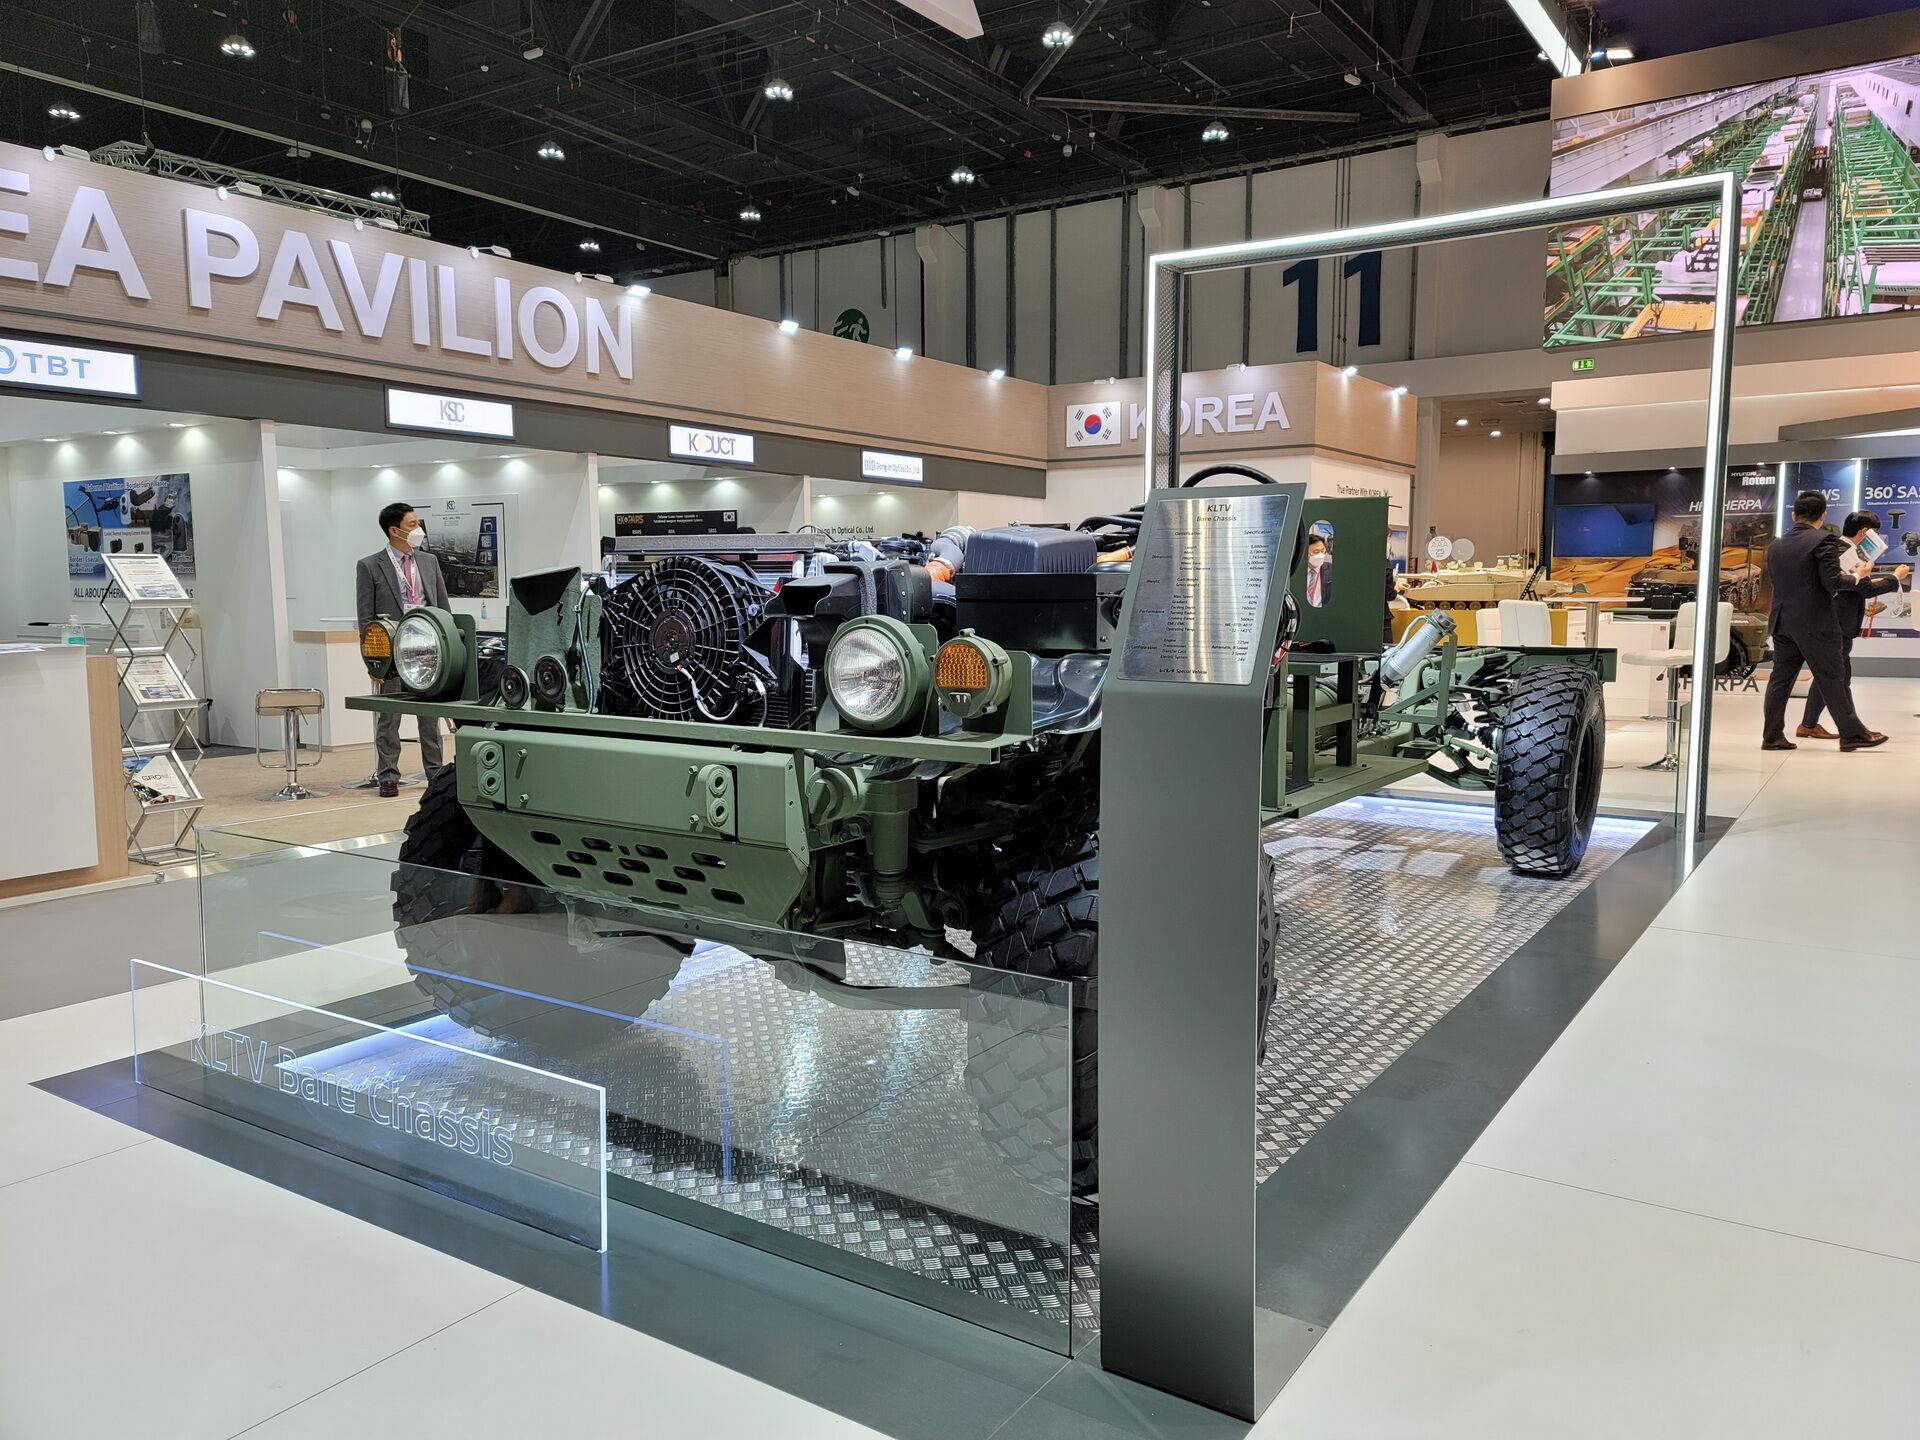 В движение вездеход приводит 225-сильный дизельный двигатель, который соответствует нормам Euro 5